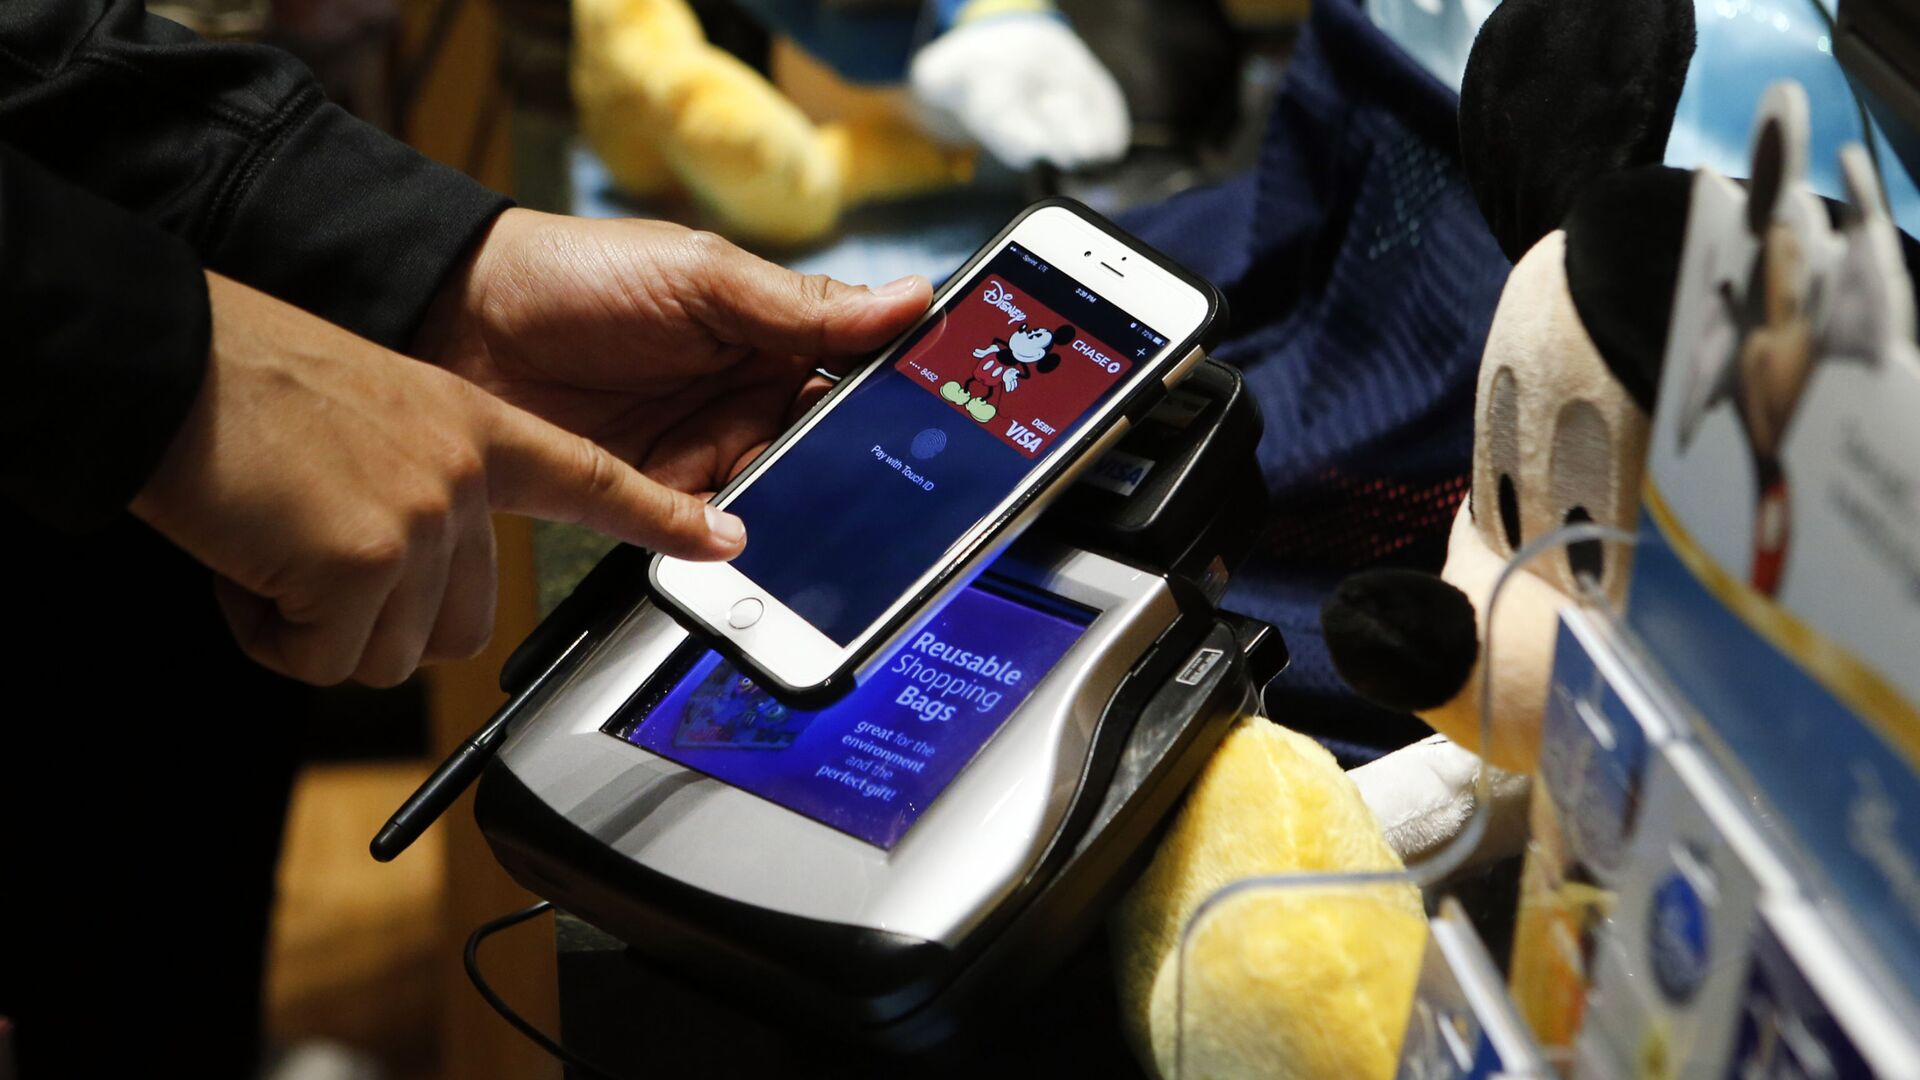 Un uomo fa un acquisto al Disney Store a New York con l'Apple Pay di iPhone - Sputnik Italia, 1920, 15.03.2021